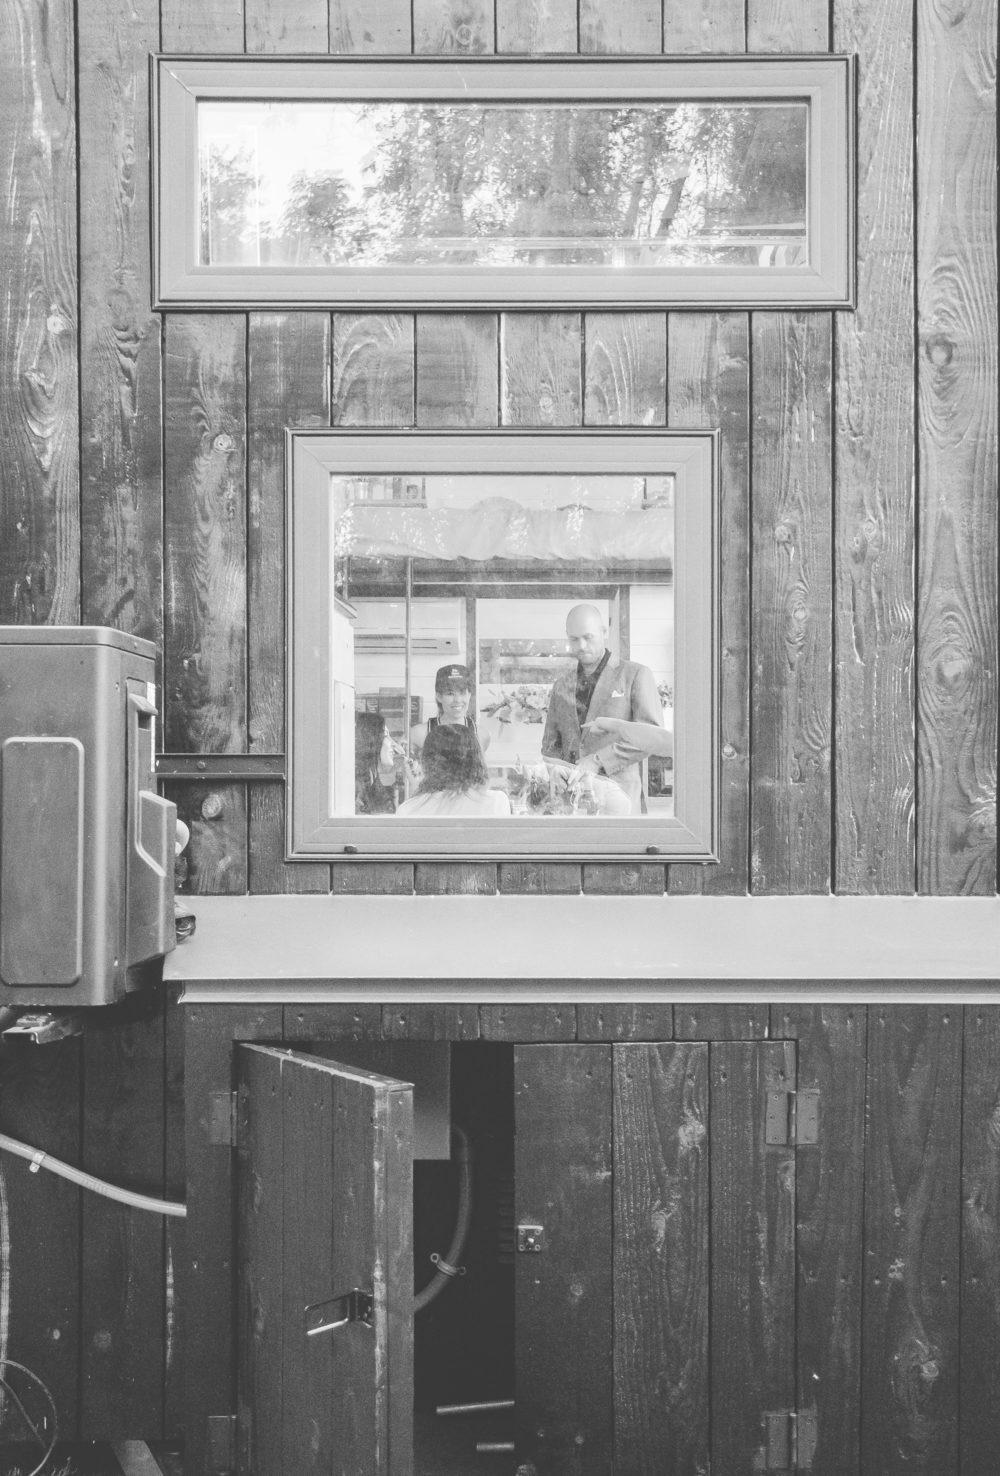 4371 W Old Hickory Blvd-print-035-34-tinydinerPAR TAY45 batch-2845x4200-300dpi.jpg